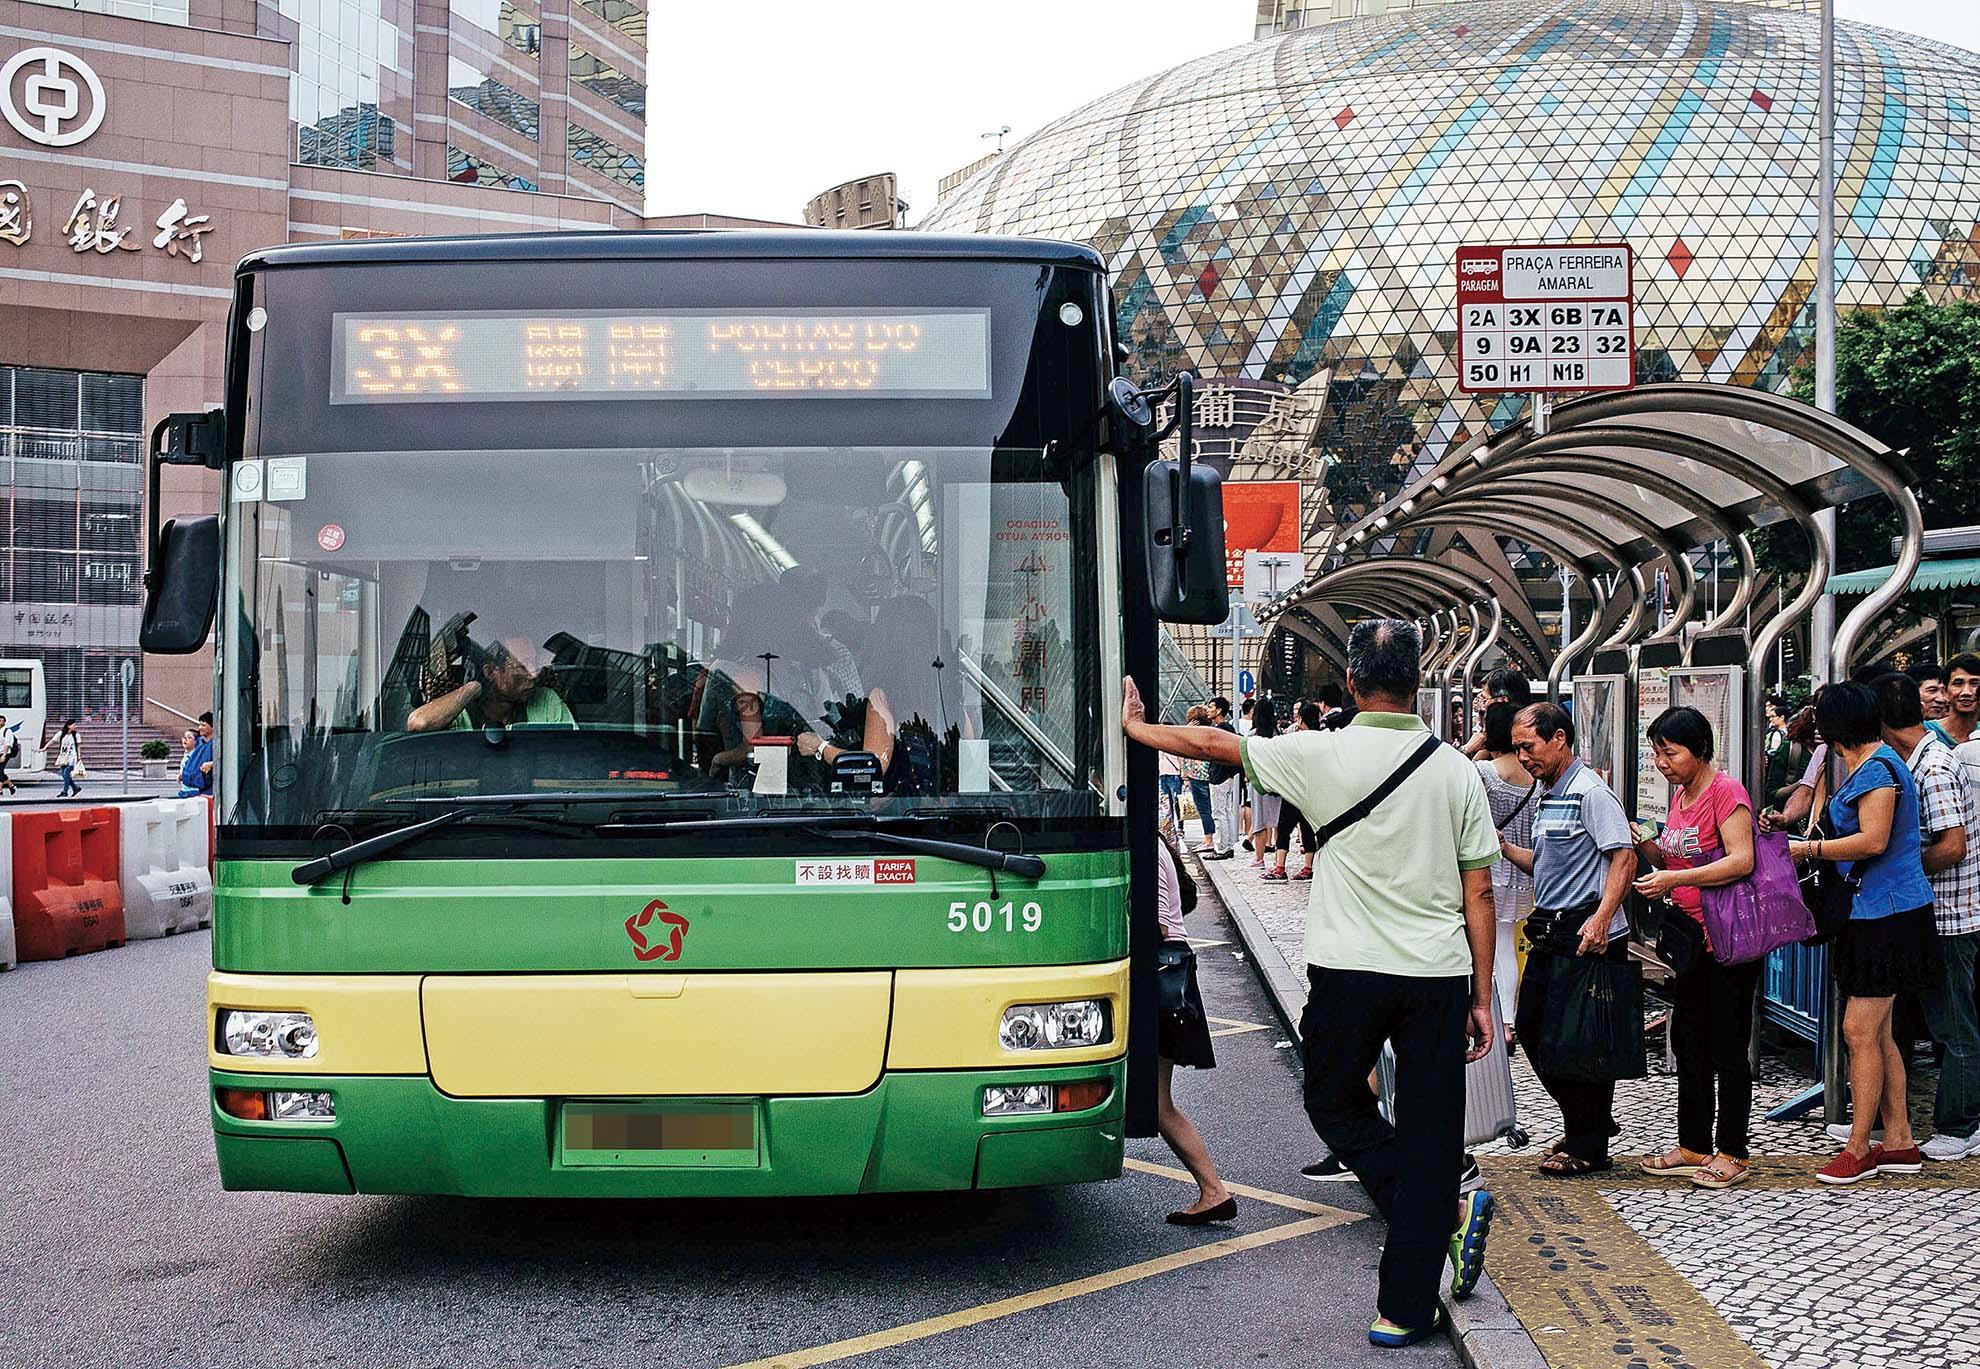 羅立文撑巴士加價:  加少少問題不大